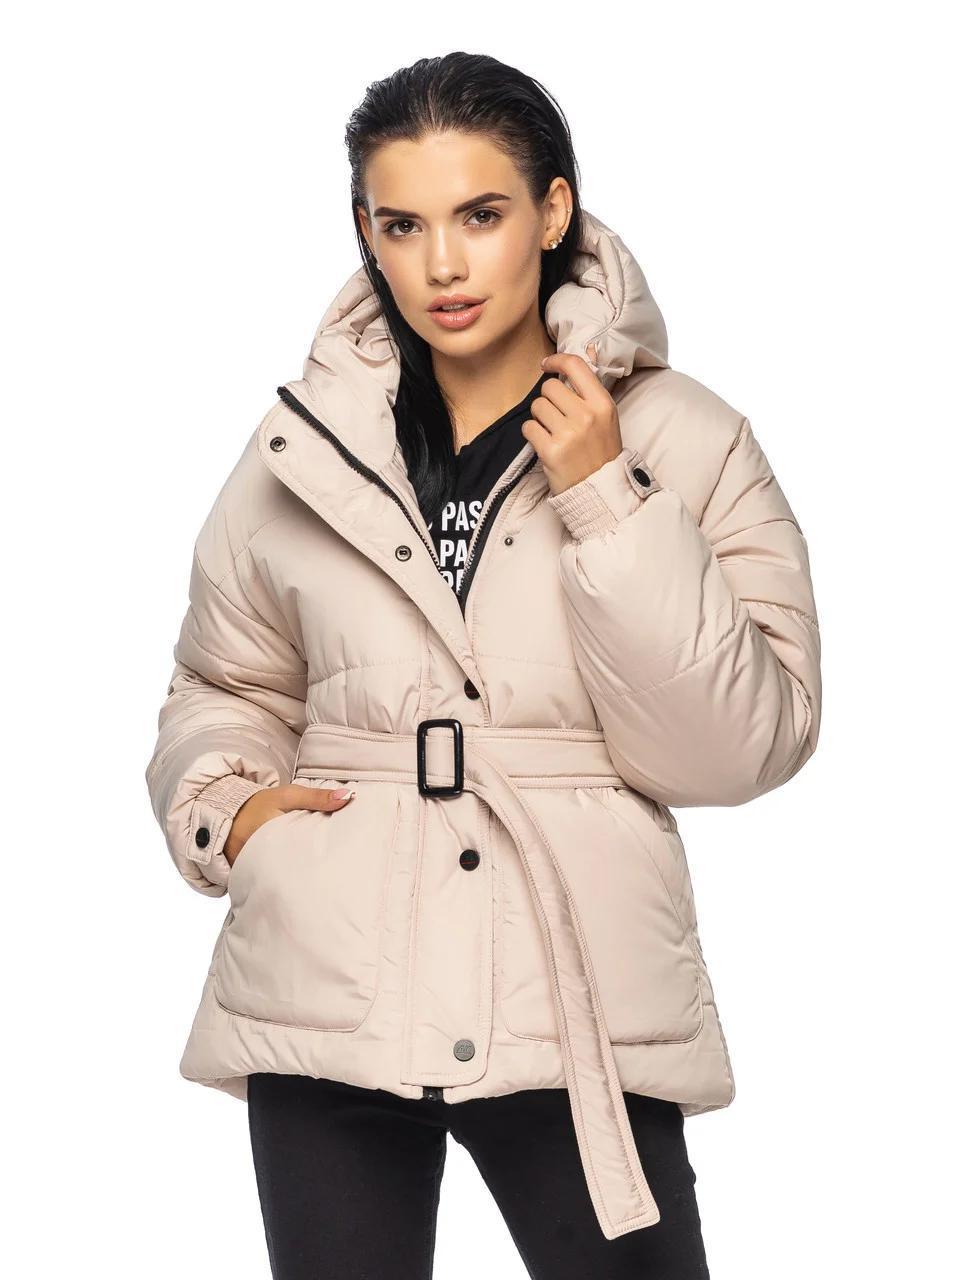 Женская стильная зимняя куртка Дорети